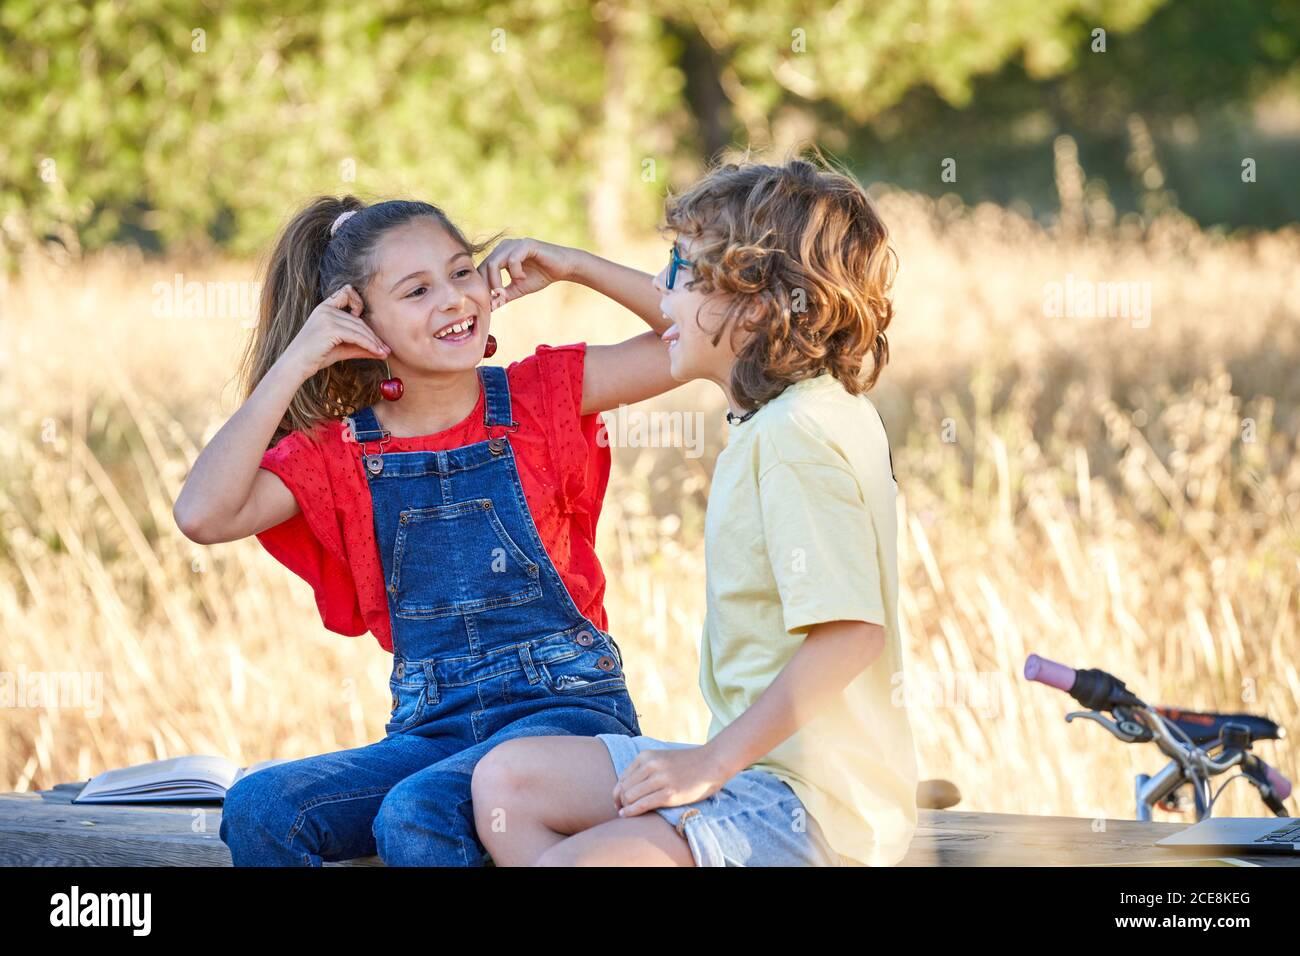 Un garçon et une fille de dix ans se grignoter sur une table en bois dans la campagne, avec des fruits, des sandwiches et de l'eau. Banque D'Images